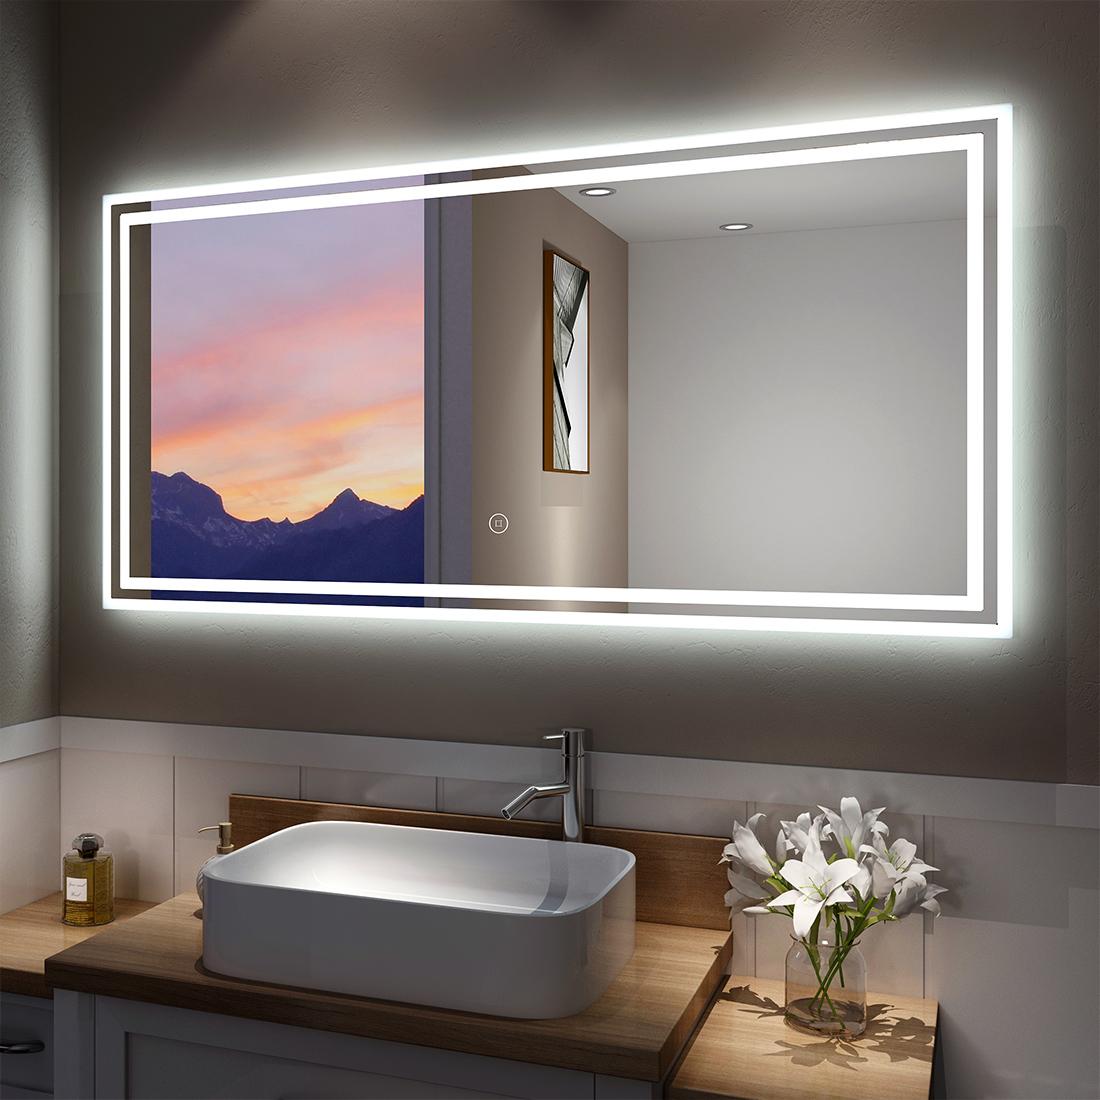 Led Bathroom Lighted Mirror Illuminated